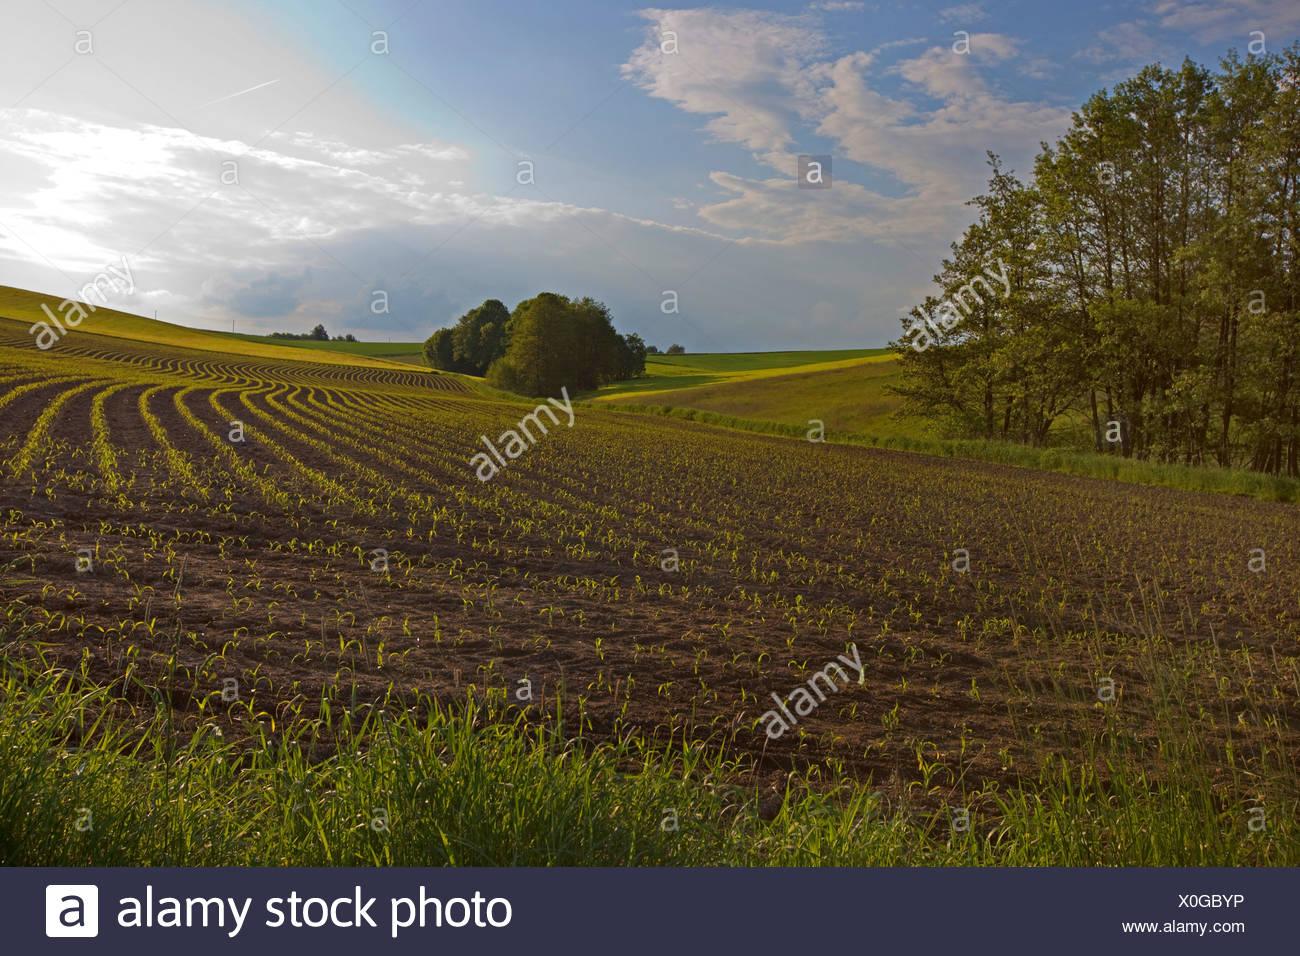 Le maïs, le maïs (Zea mays), champ avec des semis, l'Allemagne, la Bavière Photo Stock